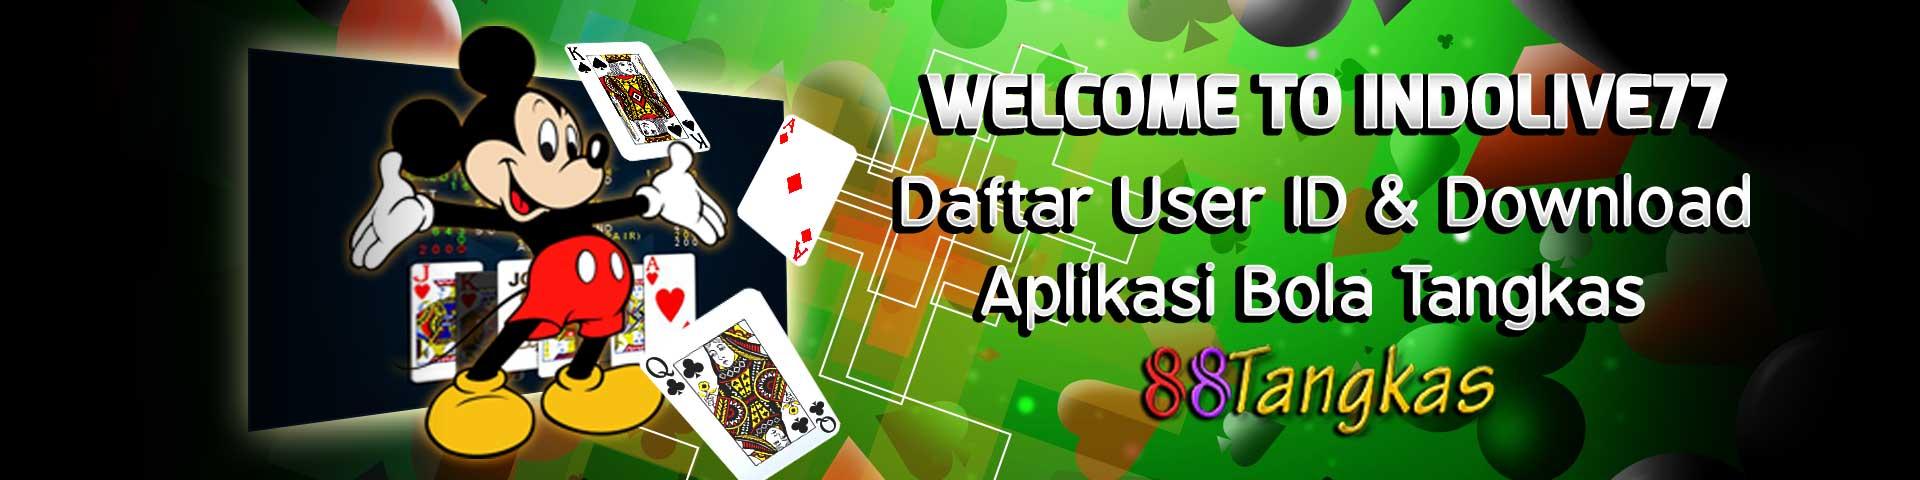 daftar-download-aplikasi-apk-bola-tangkas-online-88tangkas-dekstop-komputer-android-ios